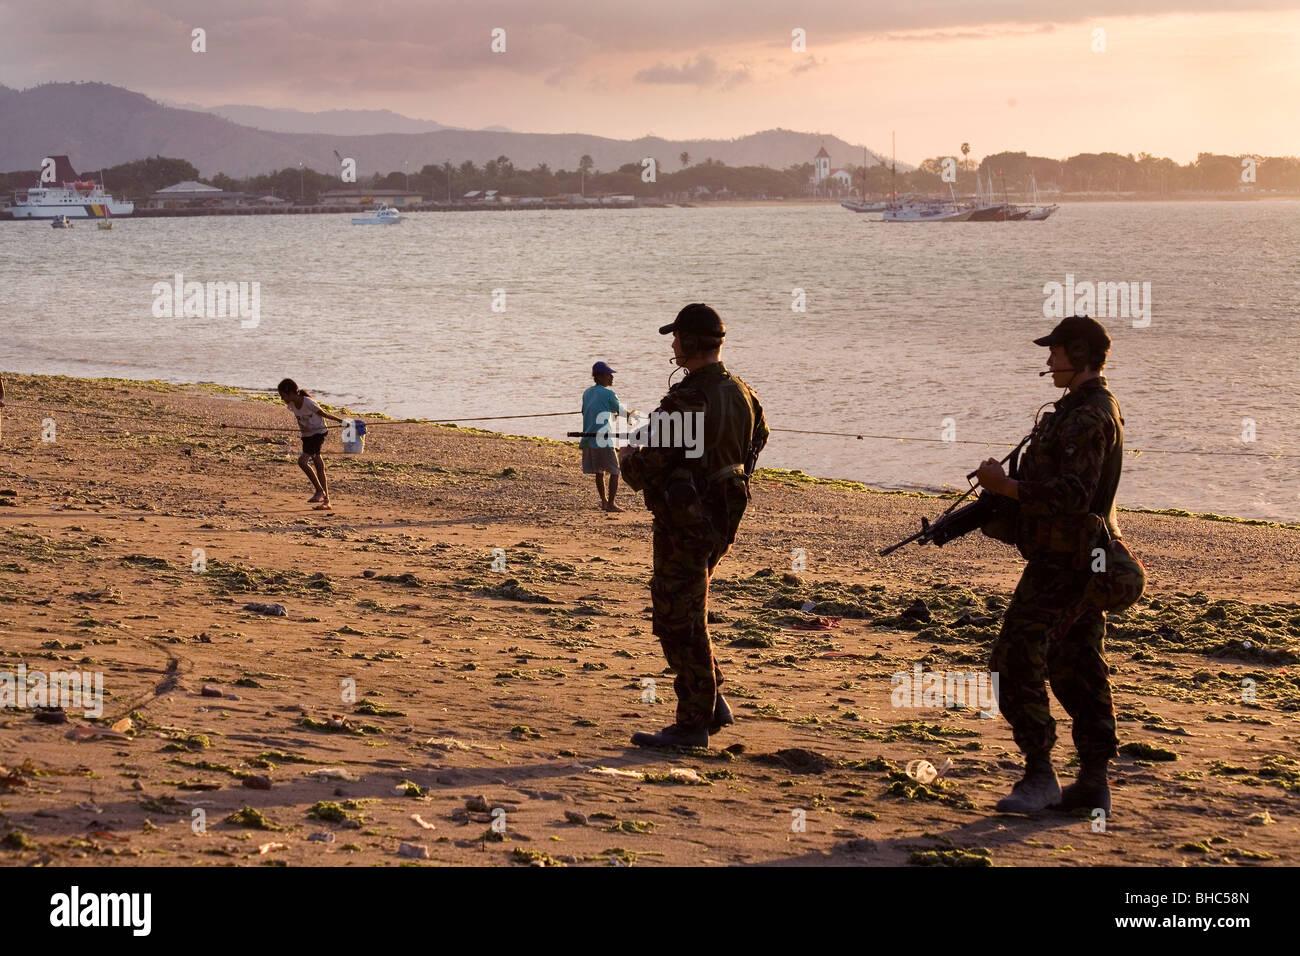 Nazioni Unite truppe armate patrol Dili spiaggia al tramonto a Timor orientale Immagini Stock